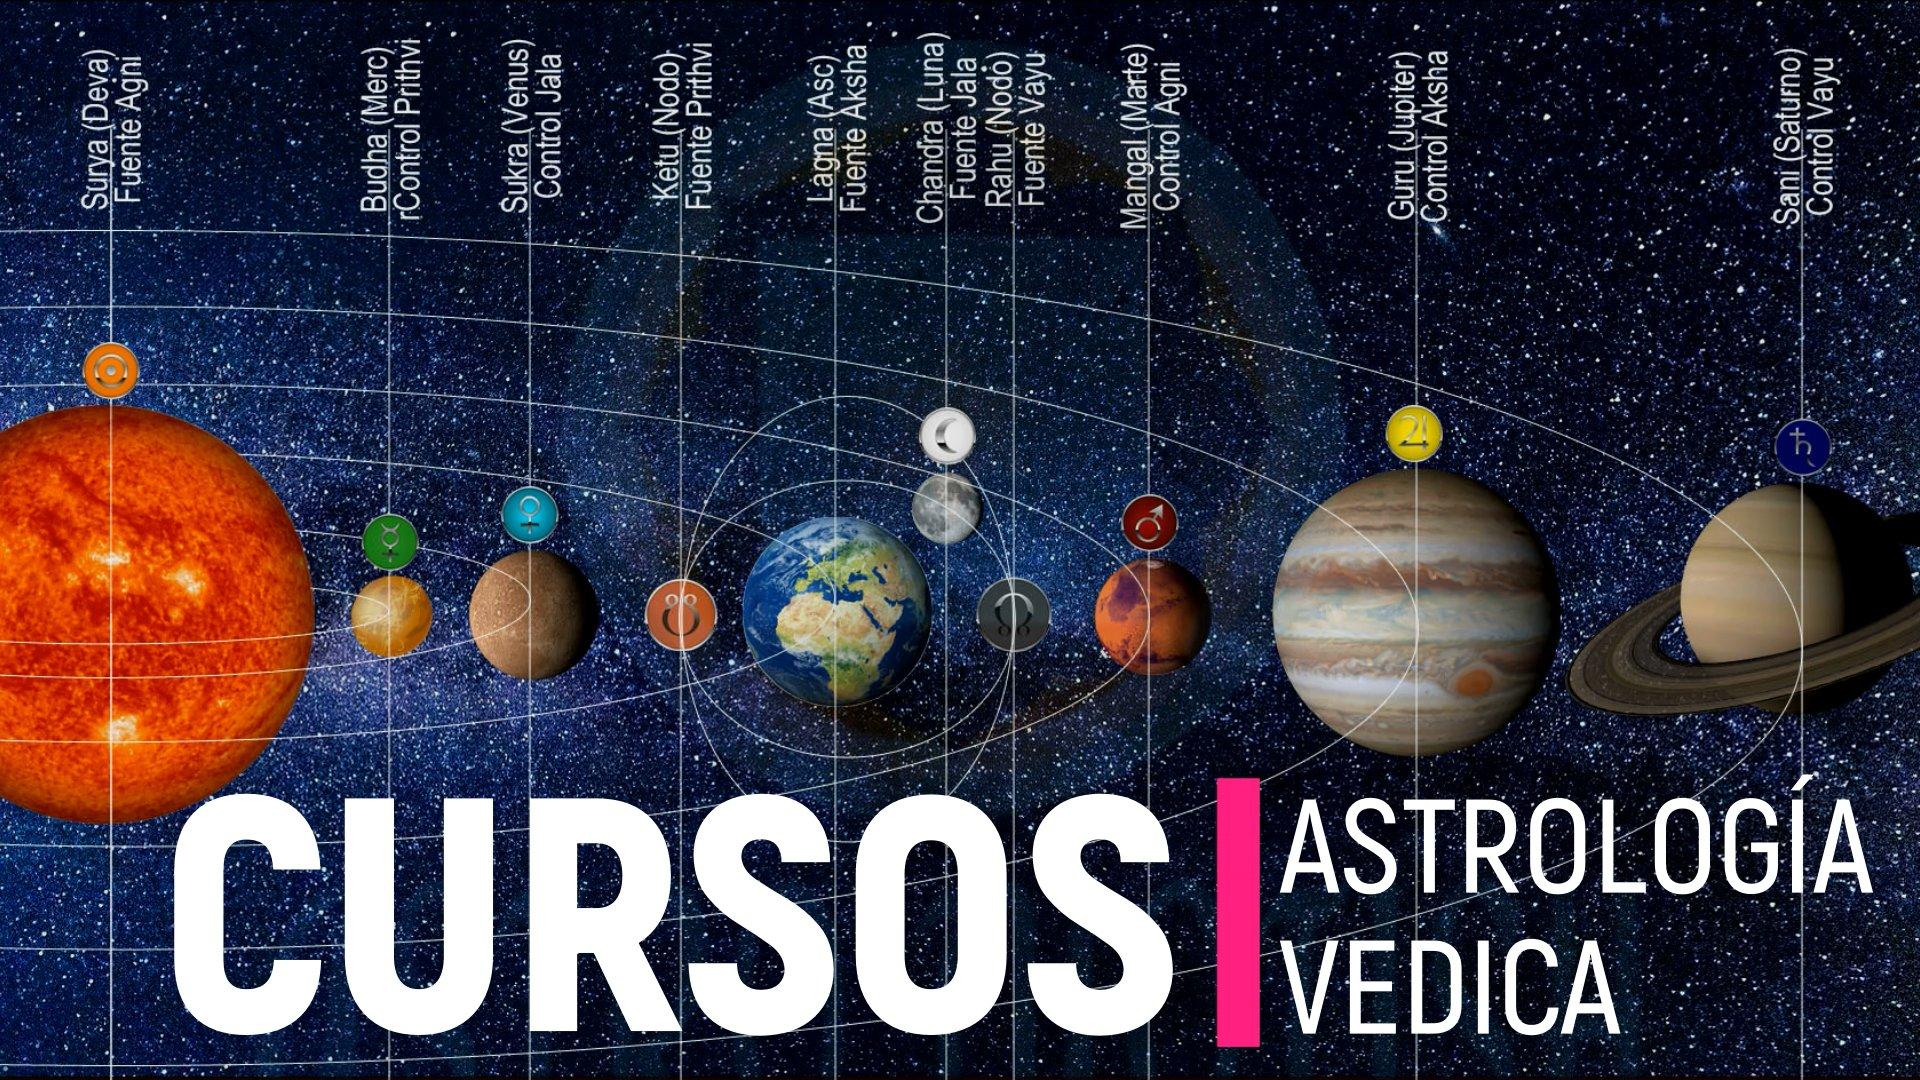 CURSOS_ASTROLOGÍA_VEDICA